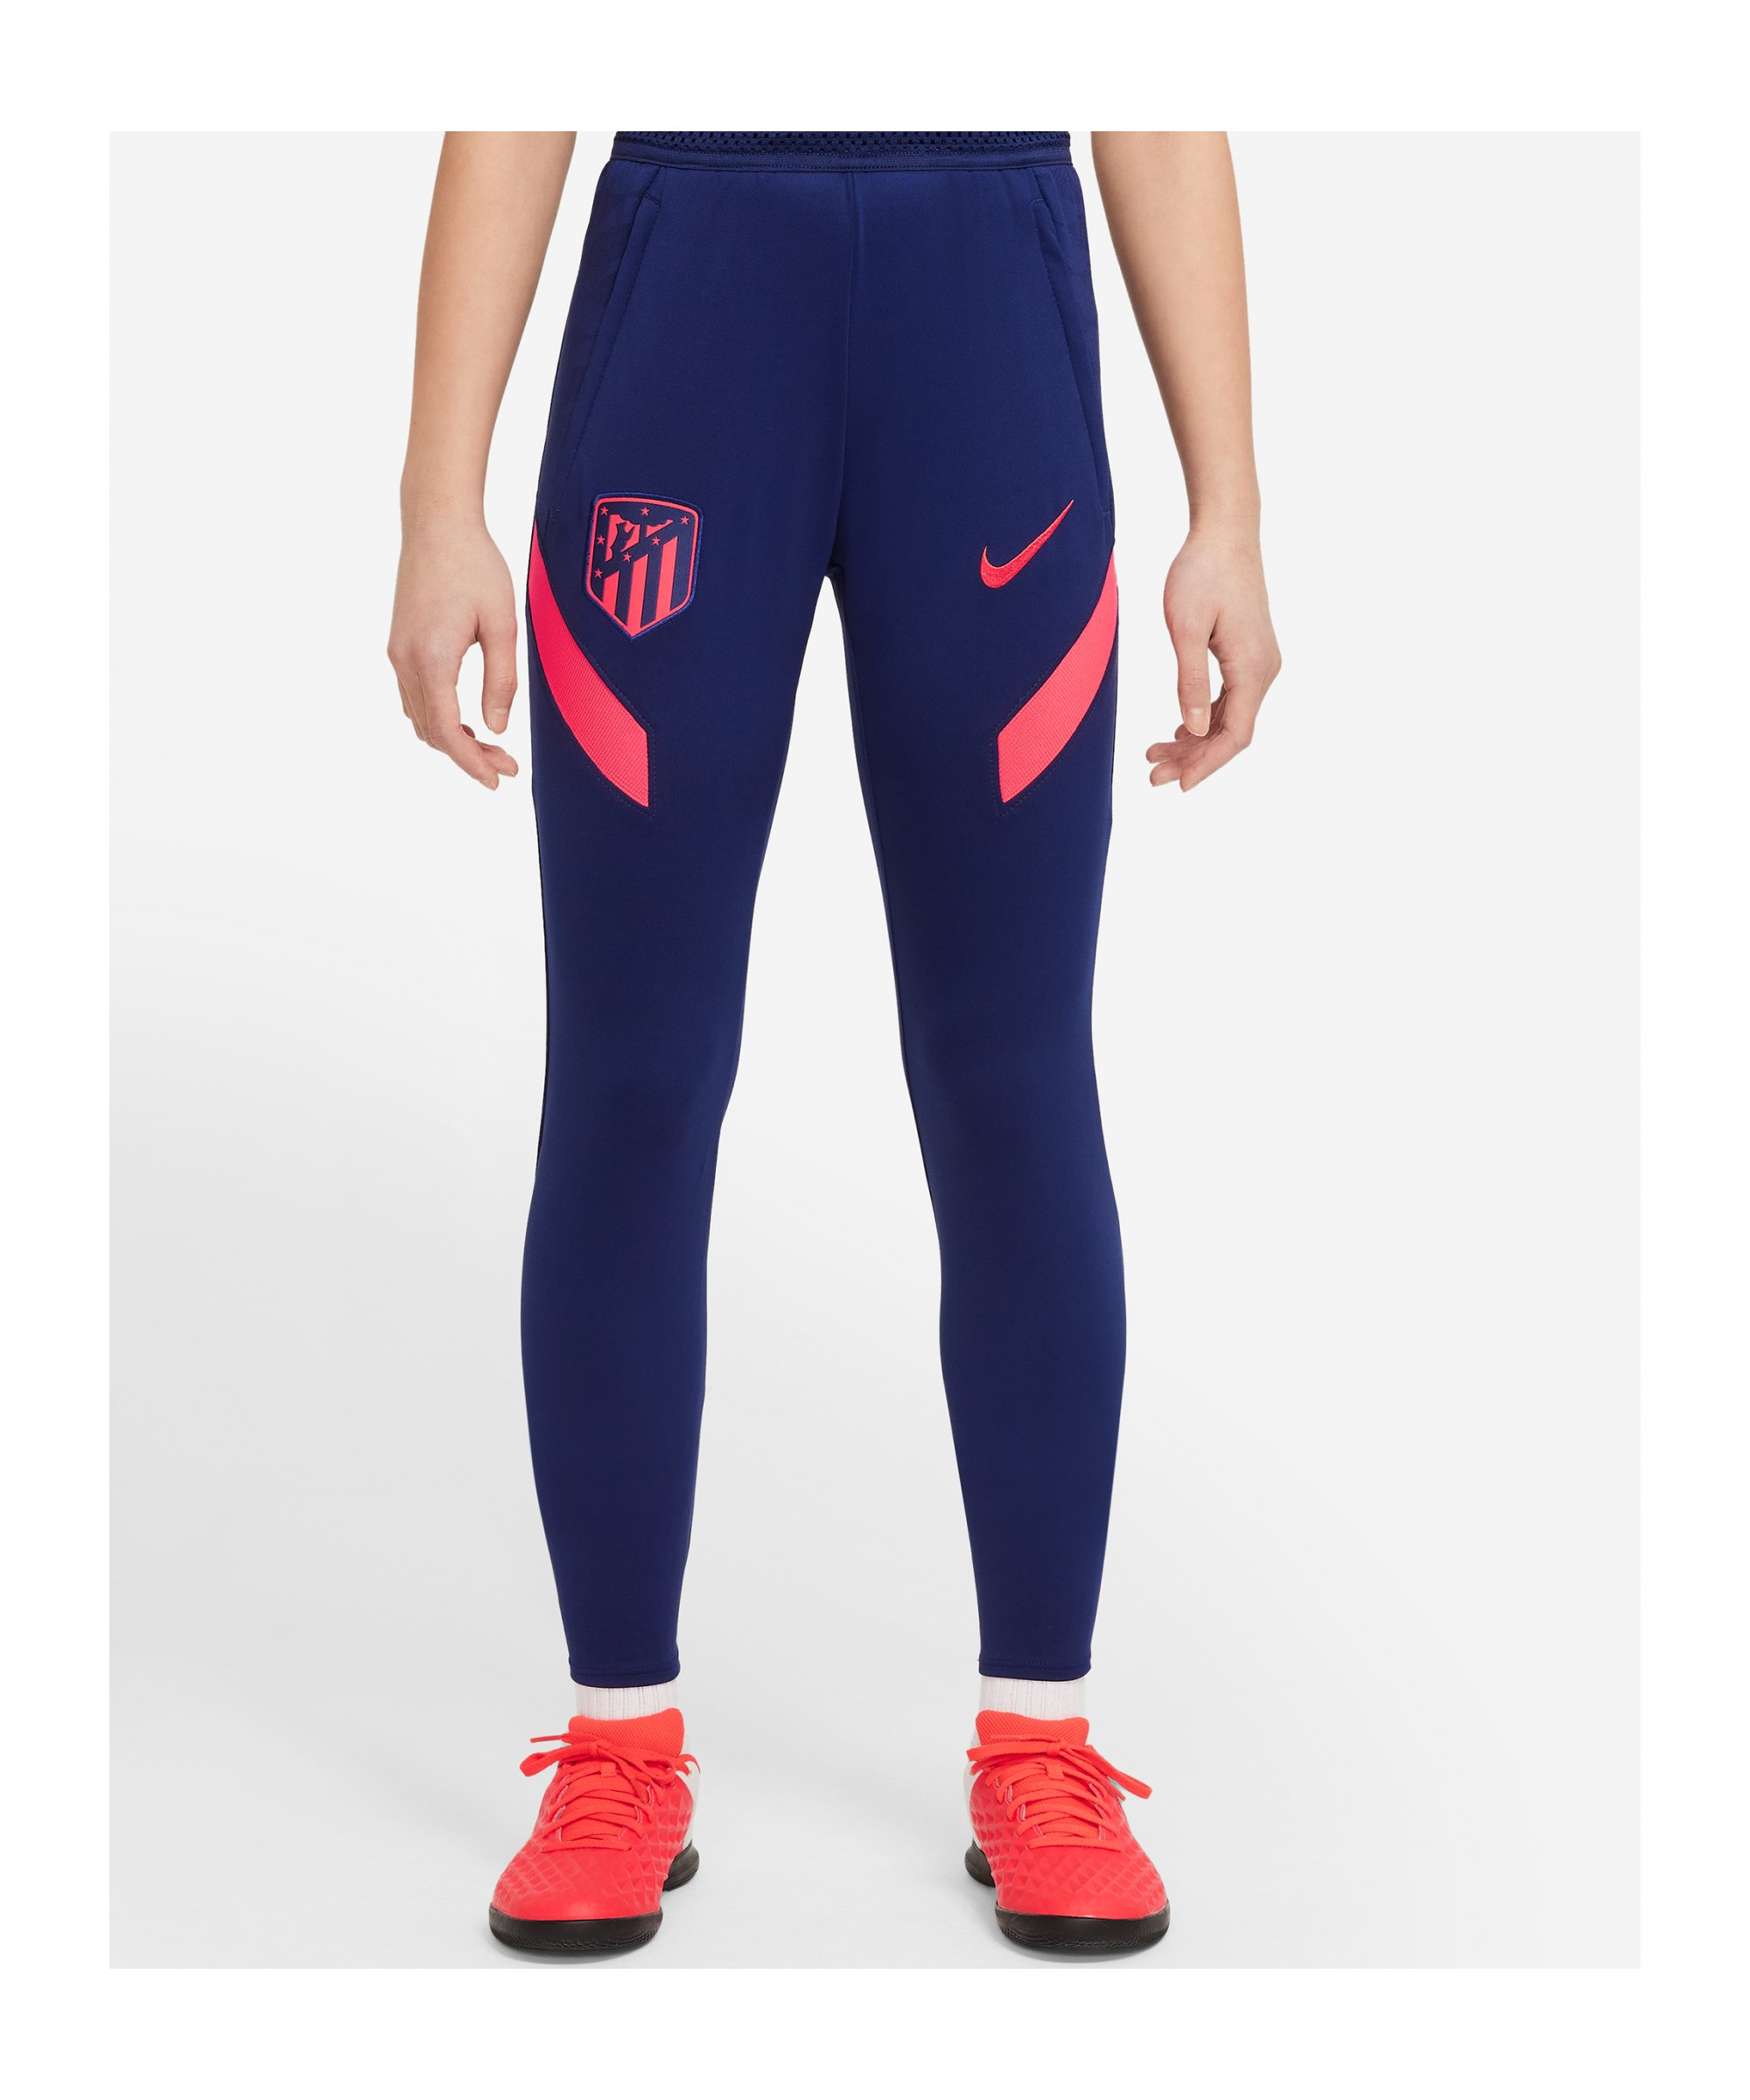 Nike Atletico Madrid Trainingshose Kids F421 - blau